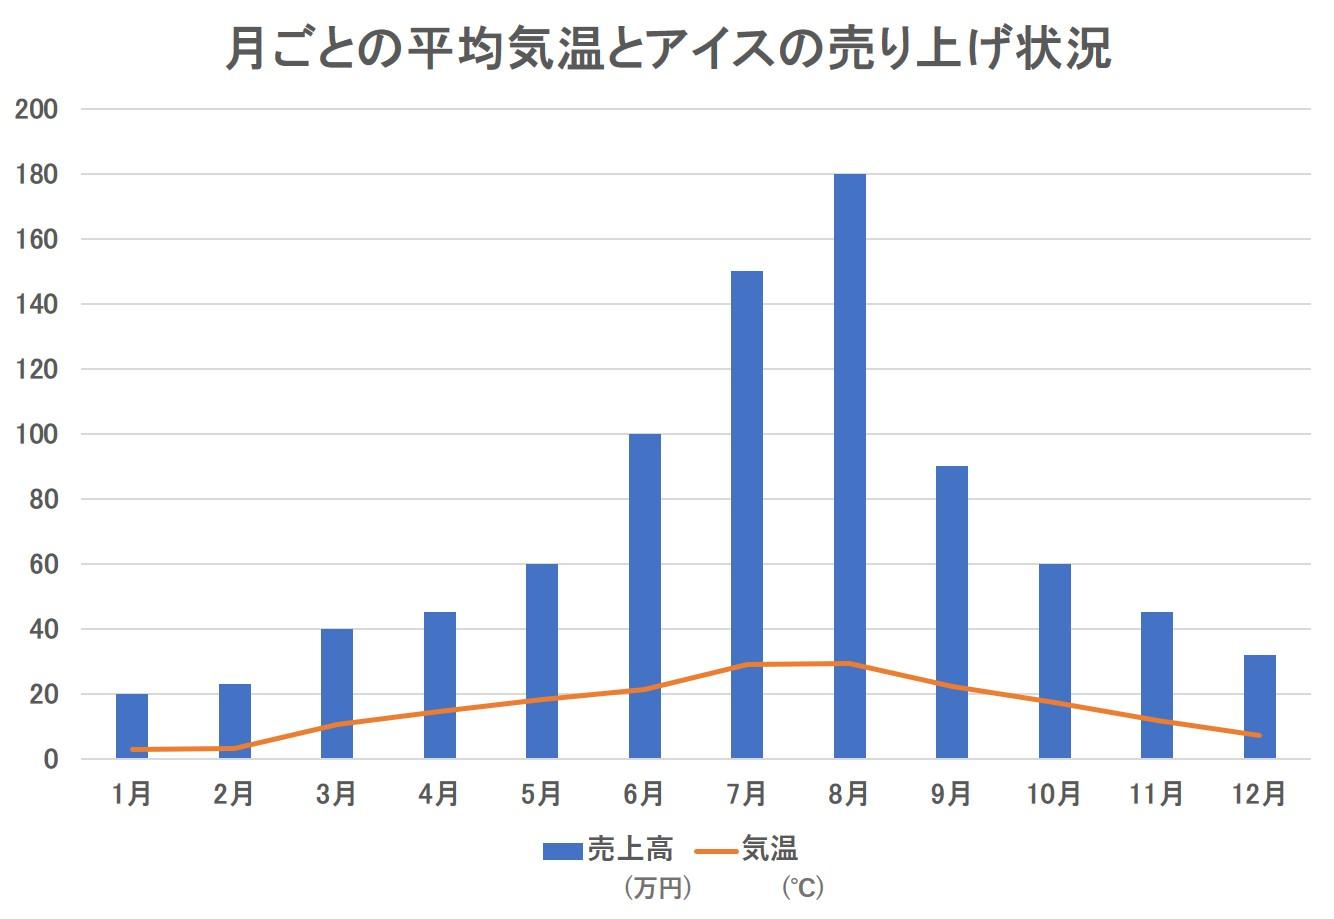 2軸で作れていない見にくいグラフ